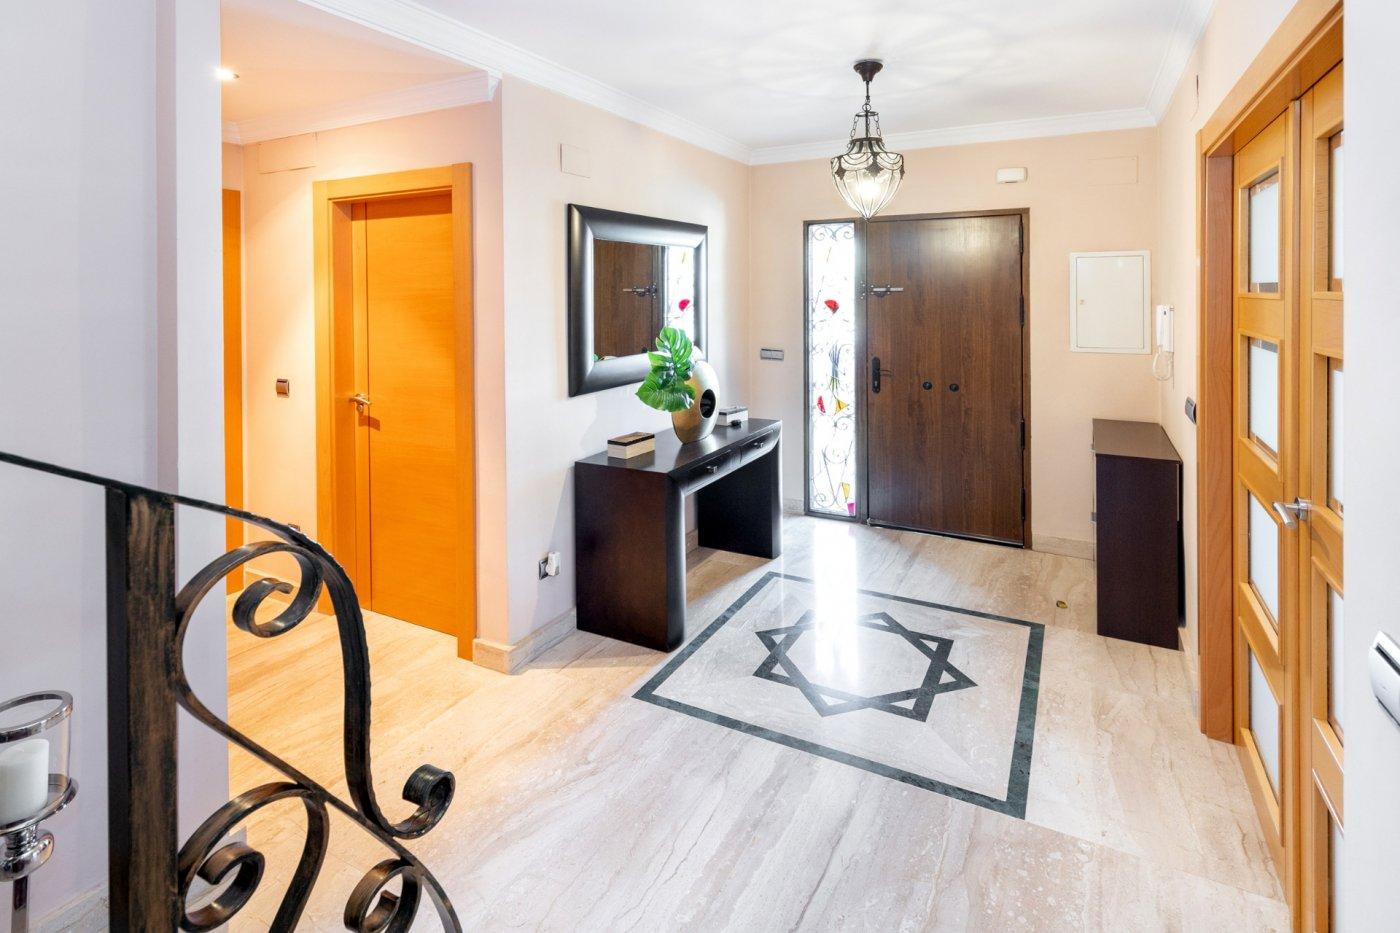 Impresionante vivienda pareada en esquina en churriana, 4 amplios dormitorios y gran patio¡¡